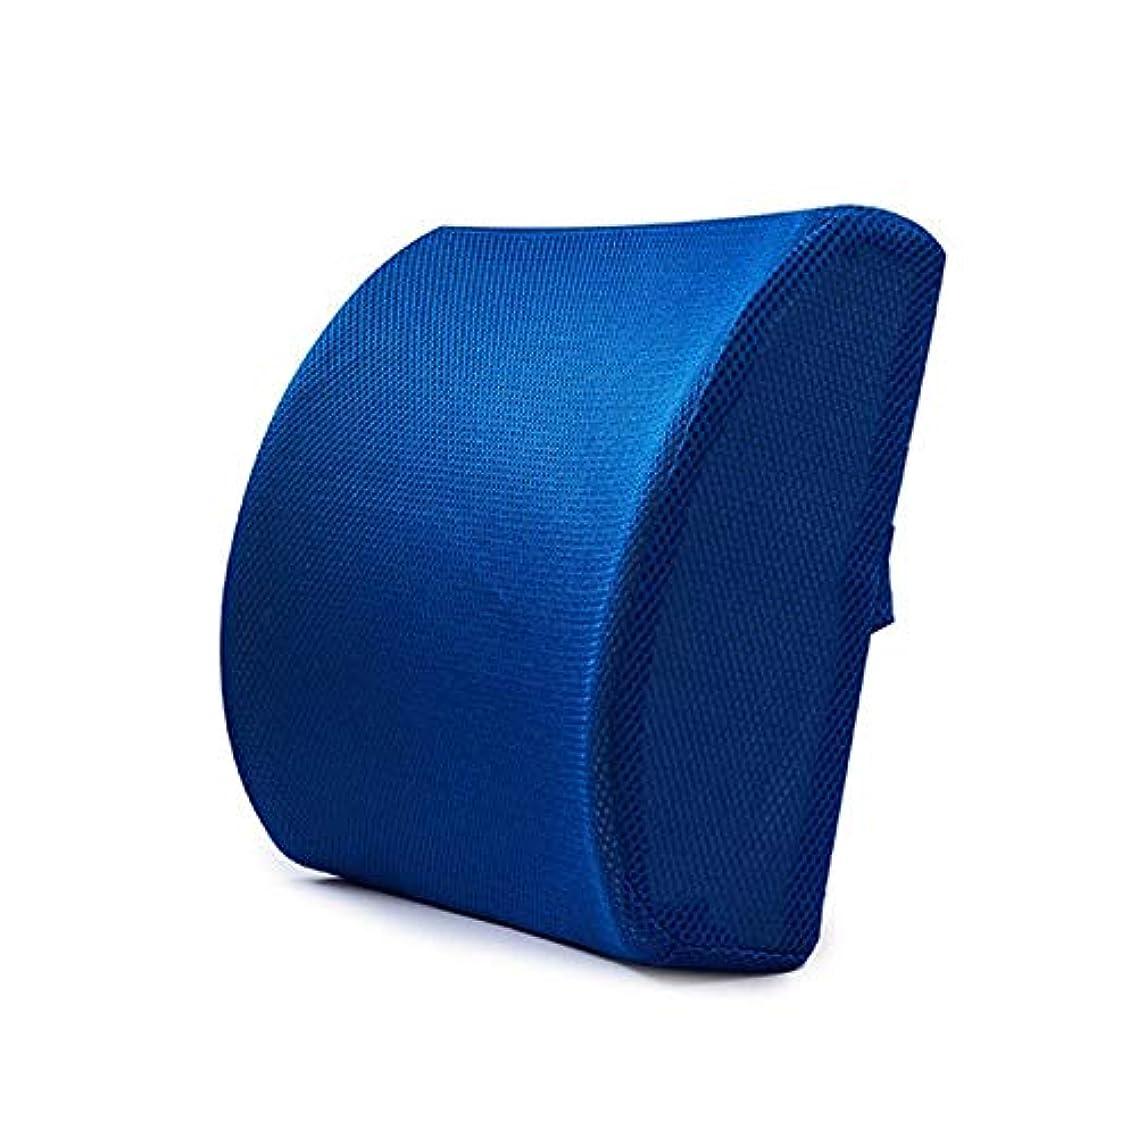 火薬やめるりLIFE ホームオフィス背もたれ椅子腰椎クッションカーシートネック枕 3D 低反発サポートバックマッサージウエストレスリビング枕 クッション 椅子